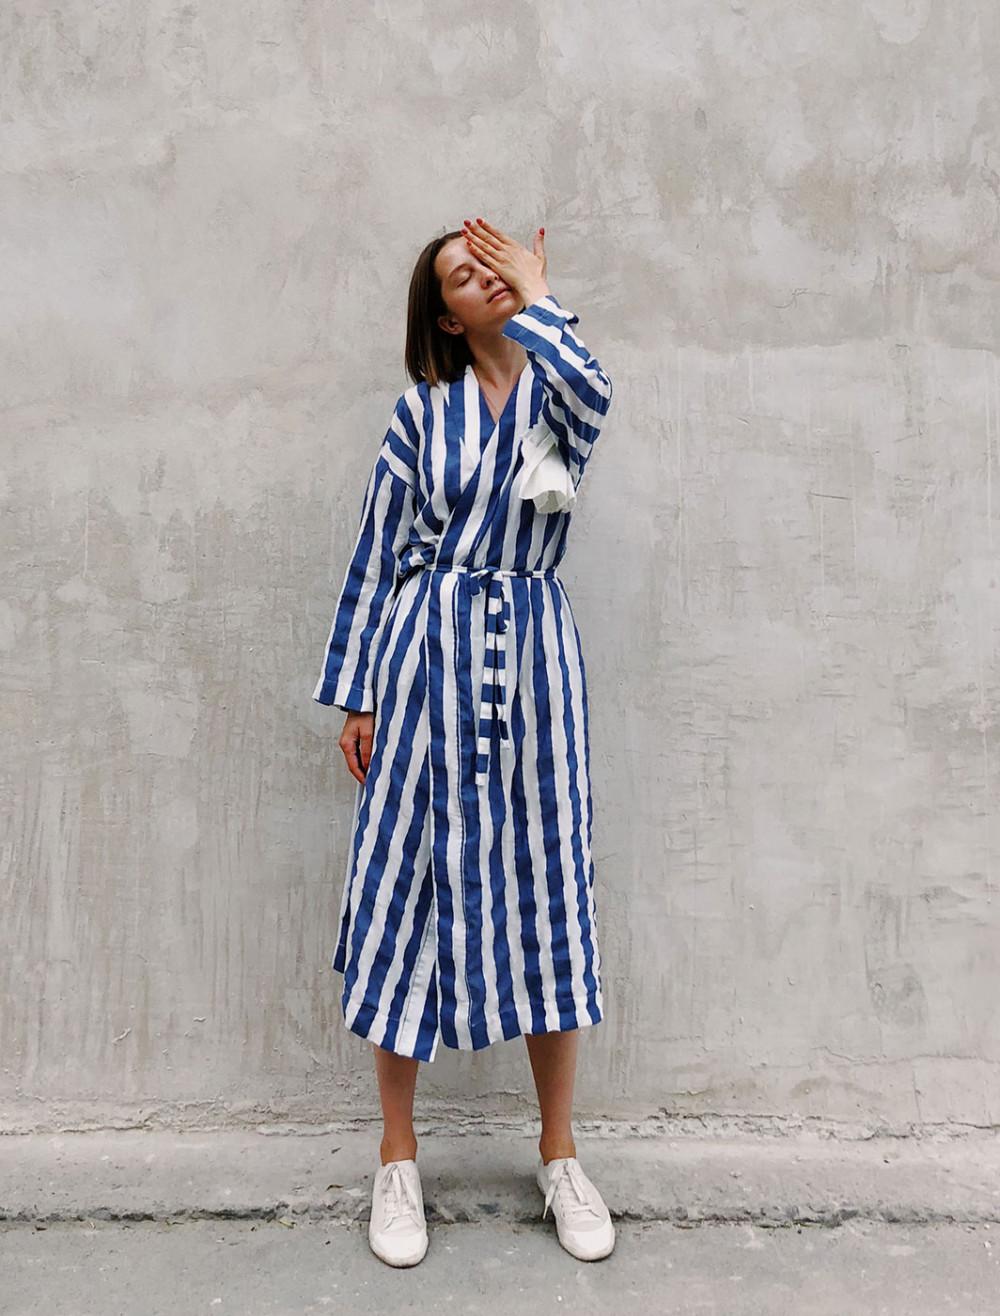 Không khó để phối những chiếc váy quấn với phụ kiện để tạo ra phong cách ngày hè năng động, tươi trẻ.